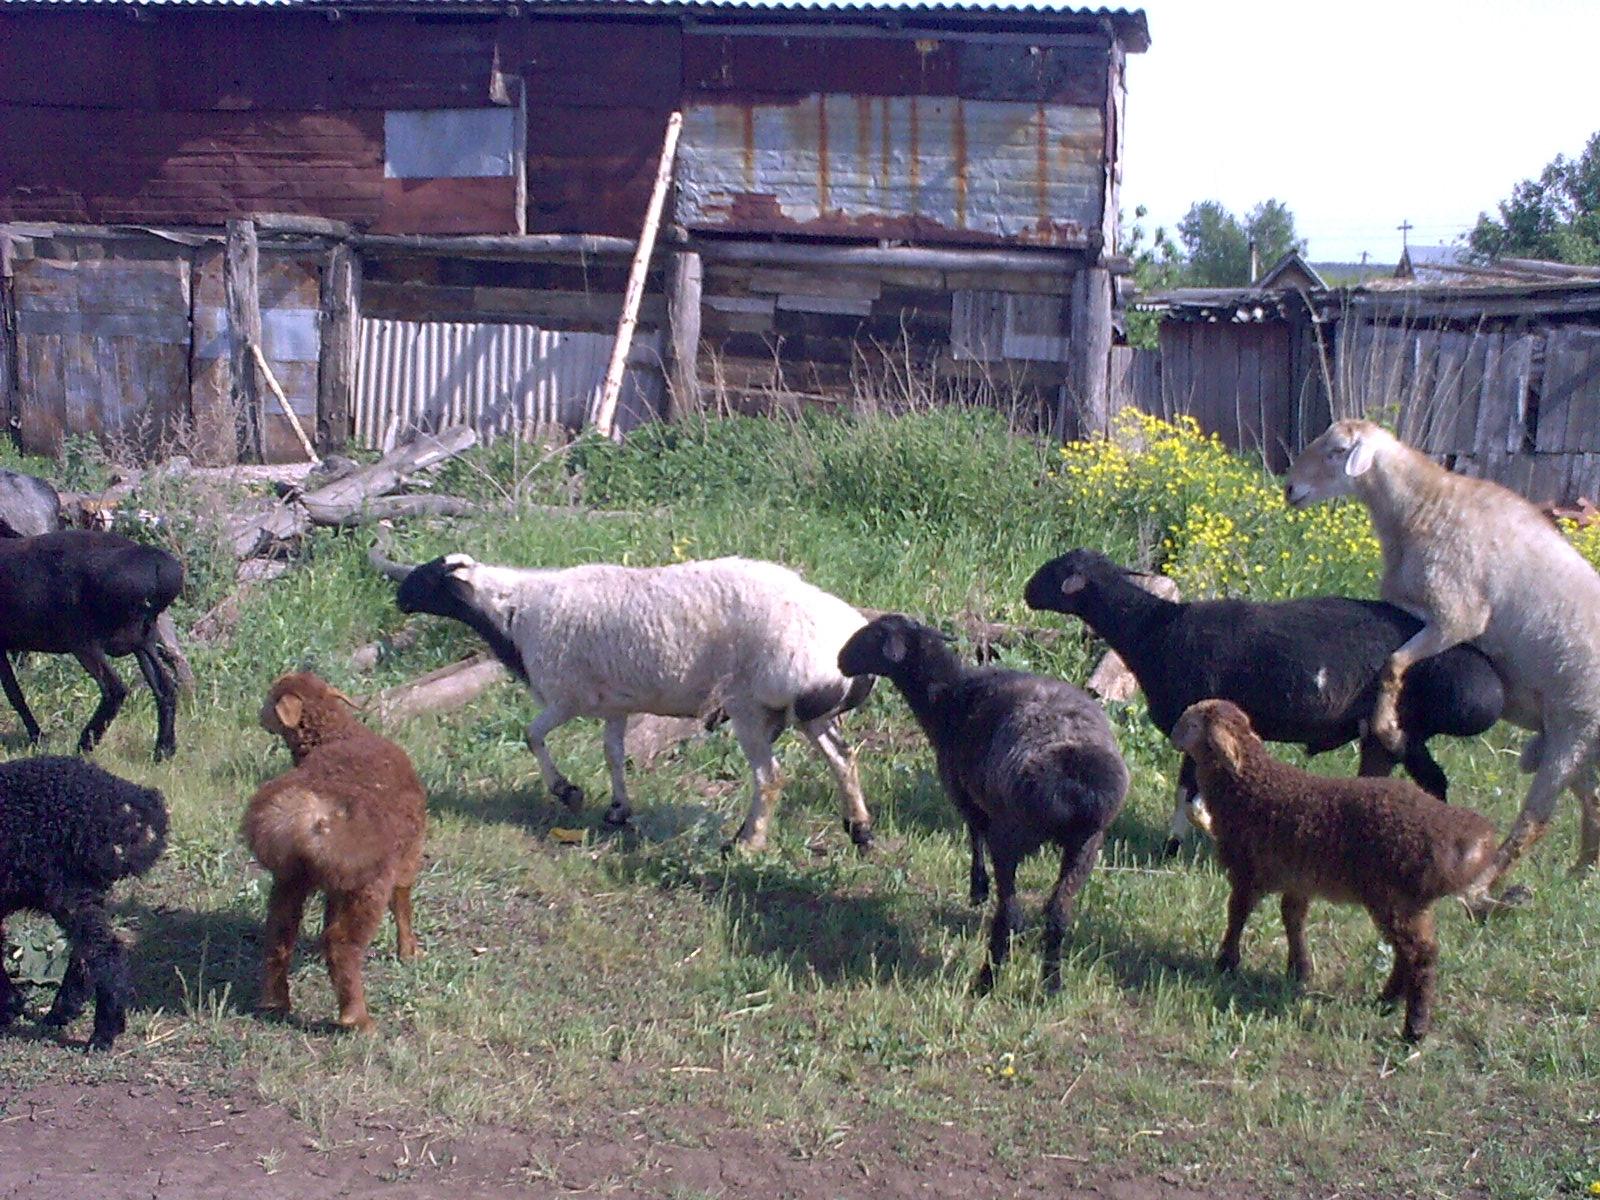 Курдючный баран: описание породы и ее разновидности, содержание и кормление курдючных овец